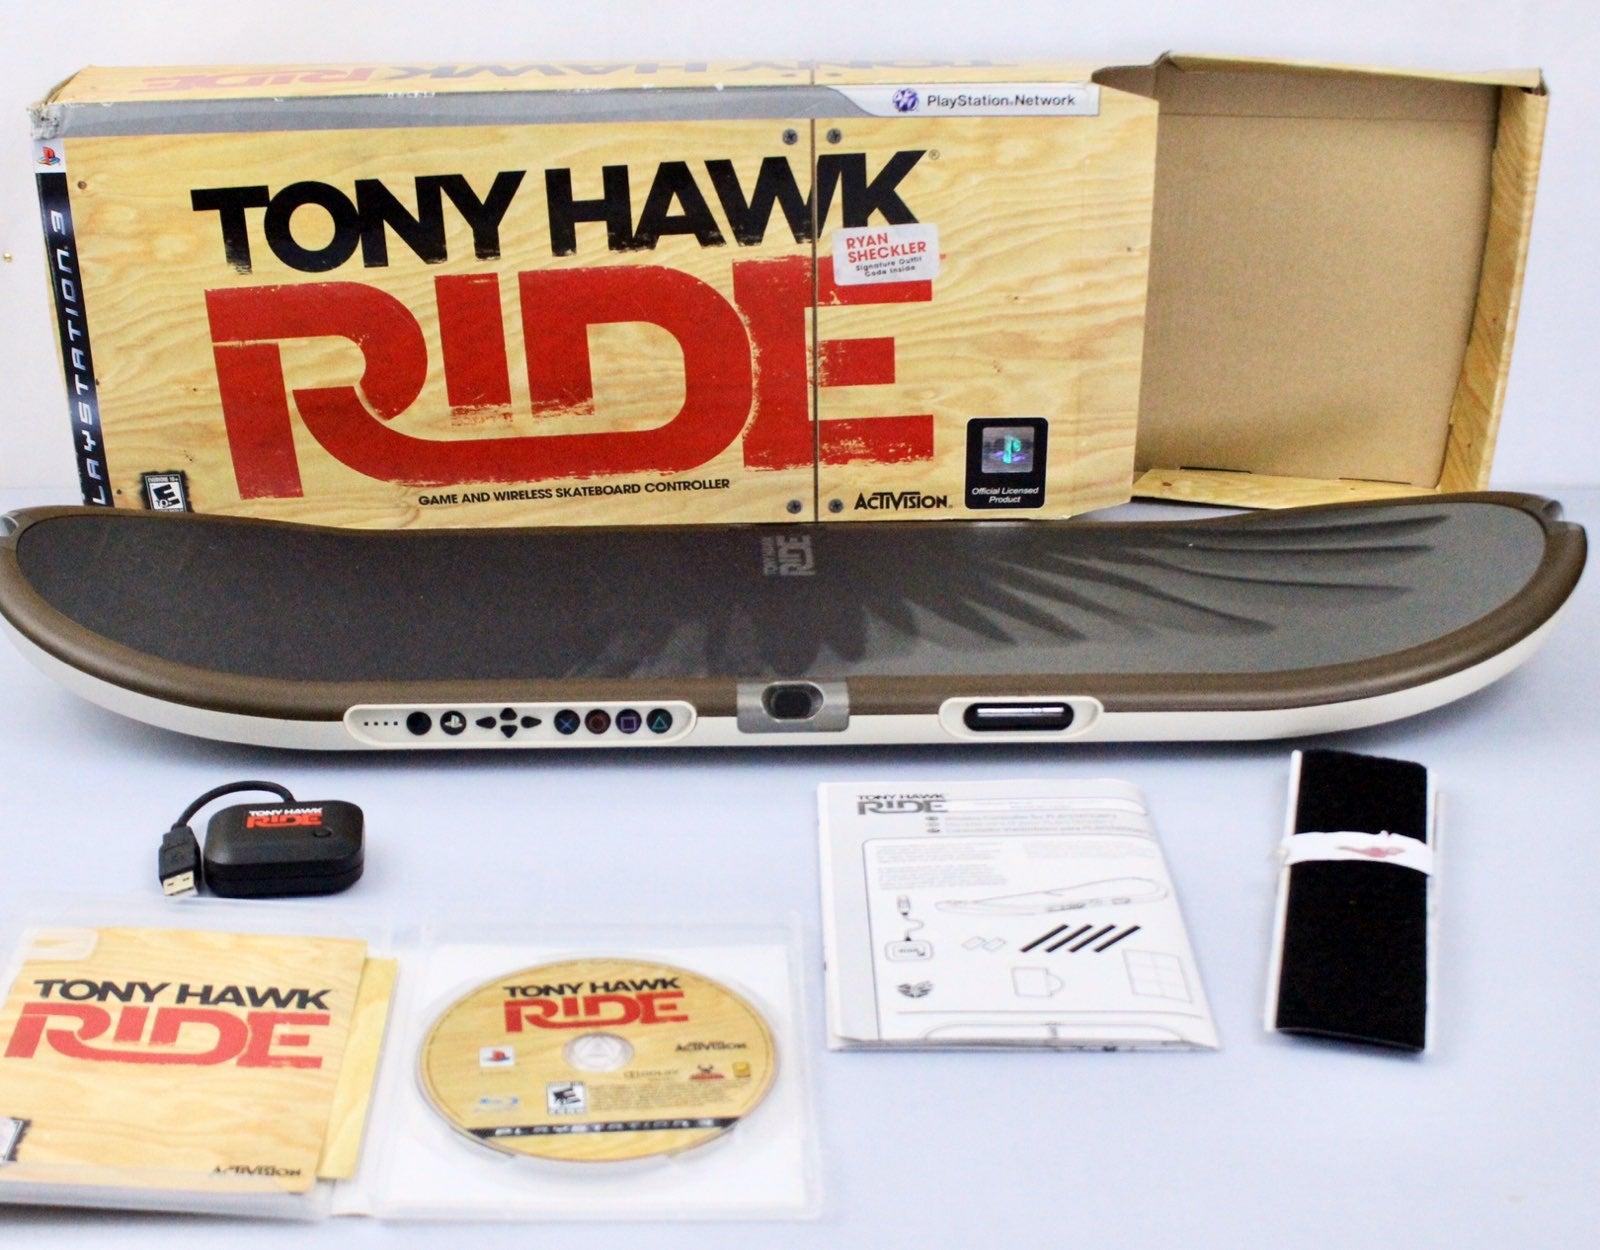 Sony PS3 Tony Hawk RIDE Skateboard Game